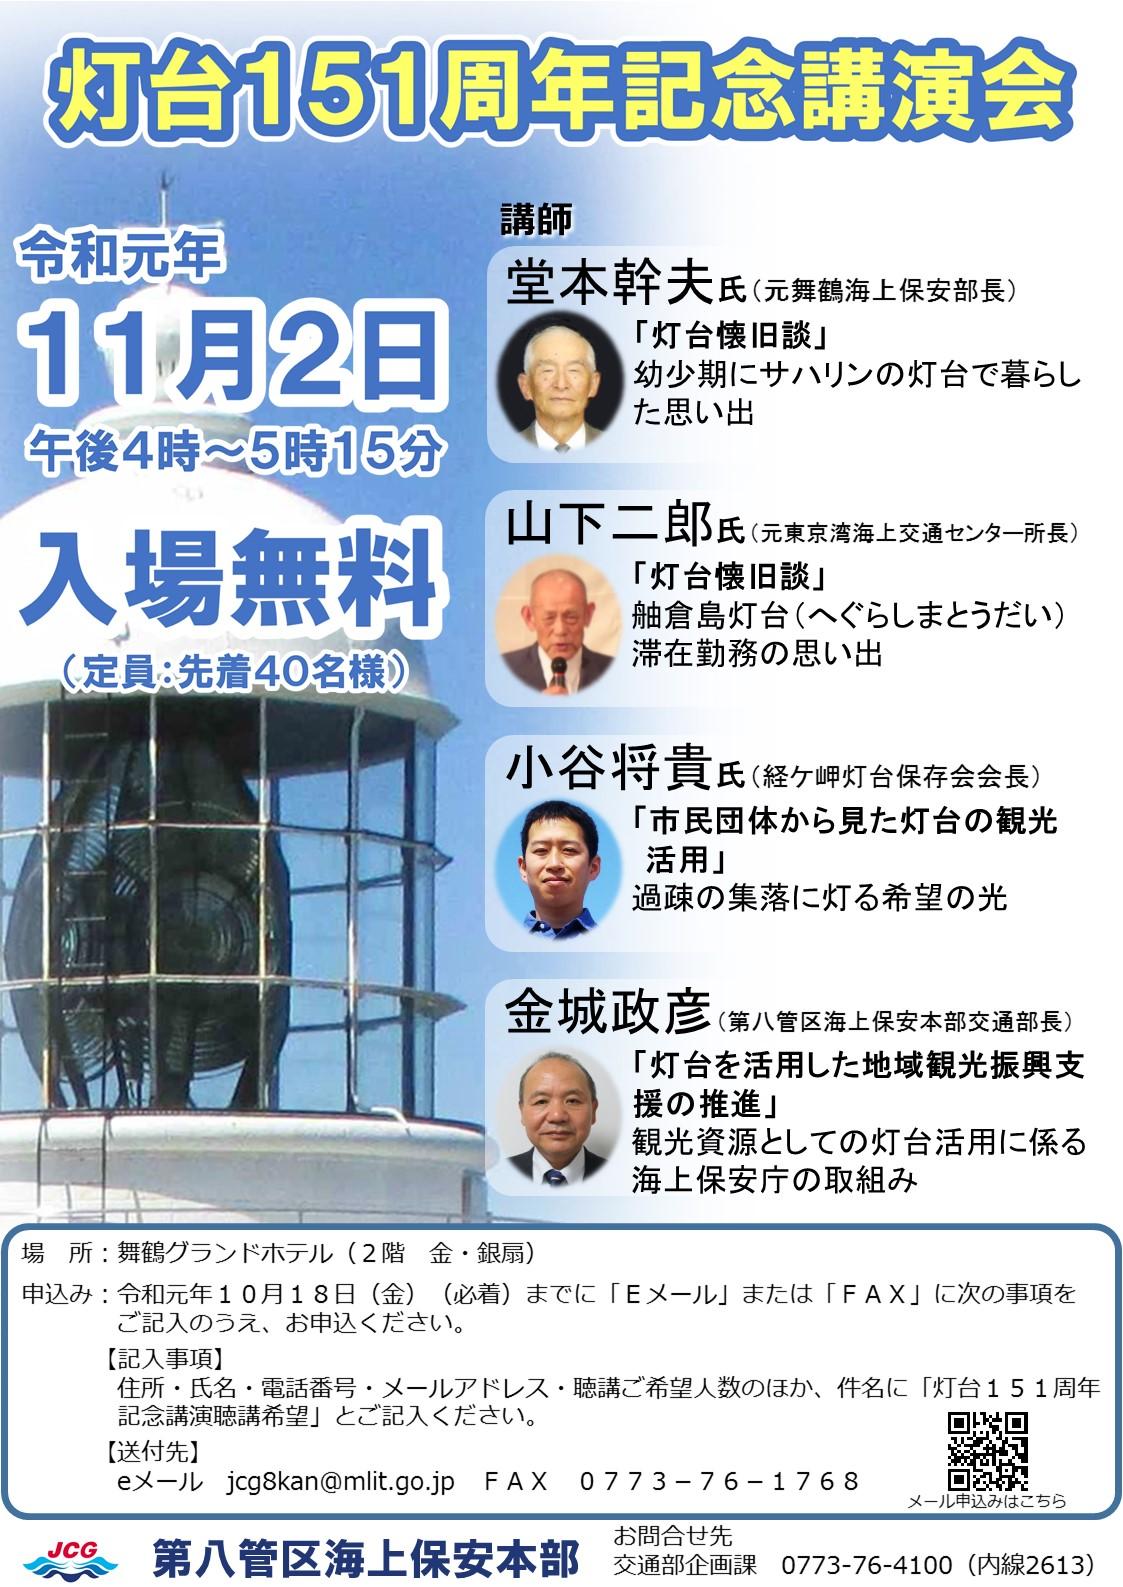 灯台151周年記念講演会(京都府舞鶴市)